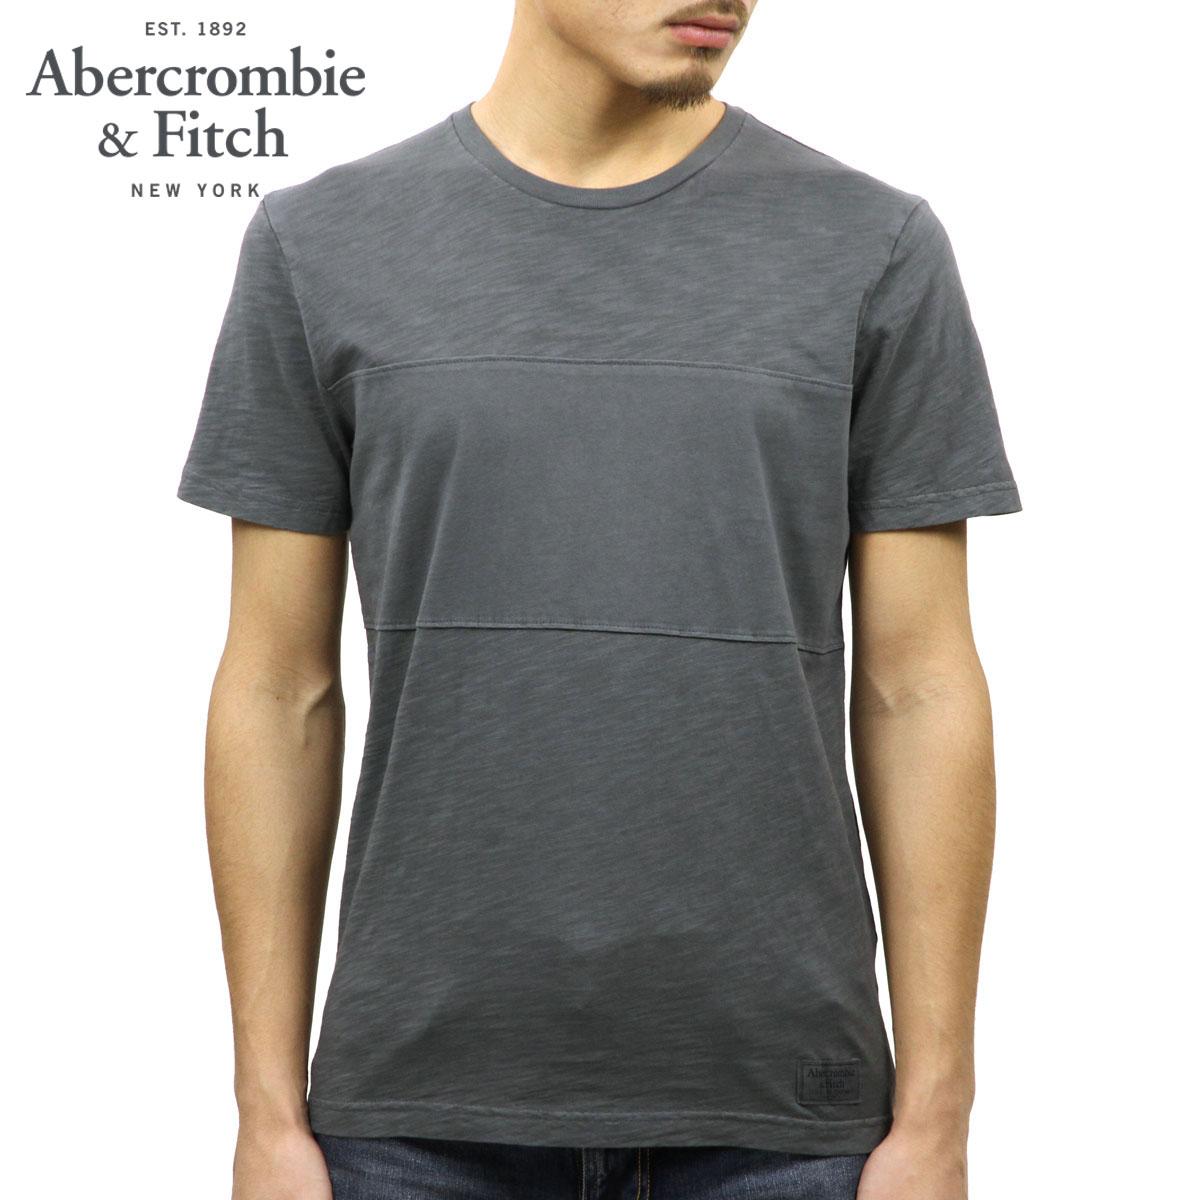 【ポイント10倍 4/22 20:00〜4/26 01:59まで】 アバクロ Abercrombie&Fitch 正規品 メンズ 半袖Tシャツ GARMENT DYE MIXED FABRIC TEE 124-236-1817-902